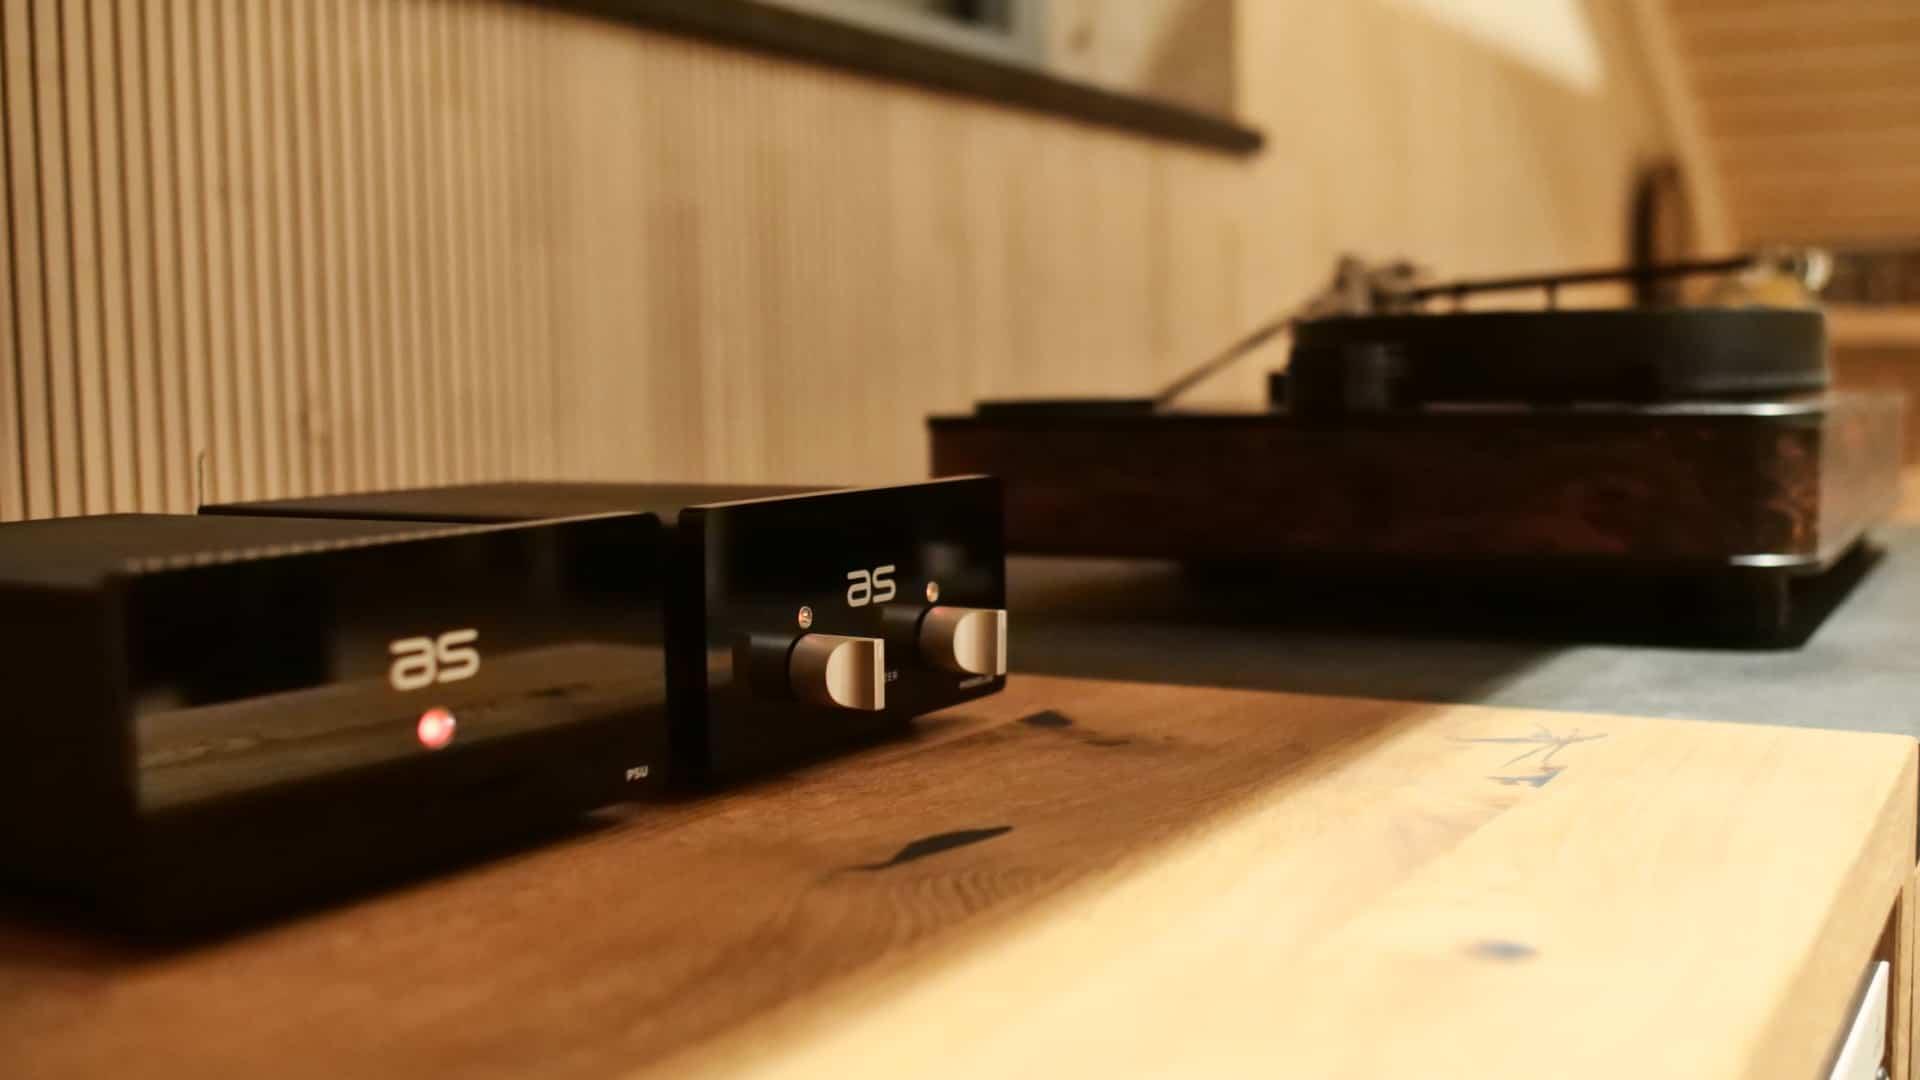 Die Audiospecials Phonolab Vorstufe macht eine gute Figur auf dem Rack